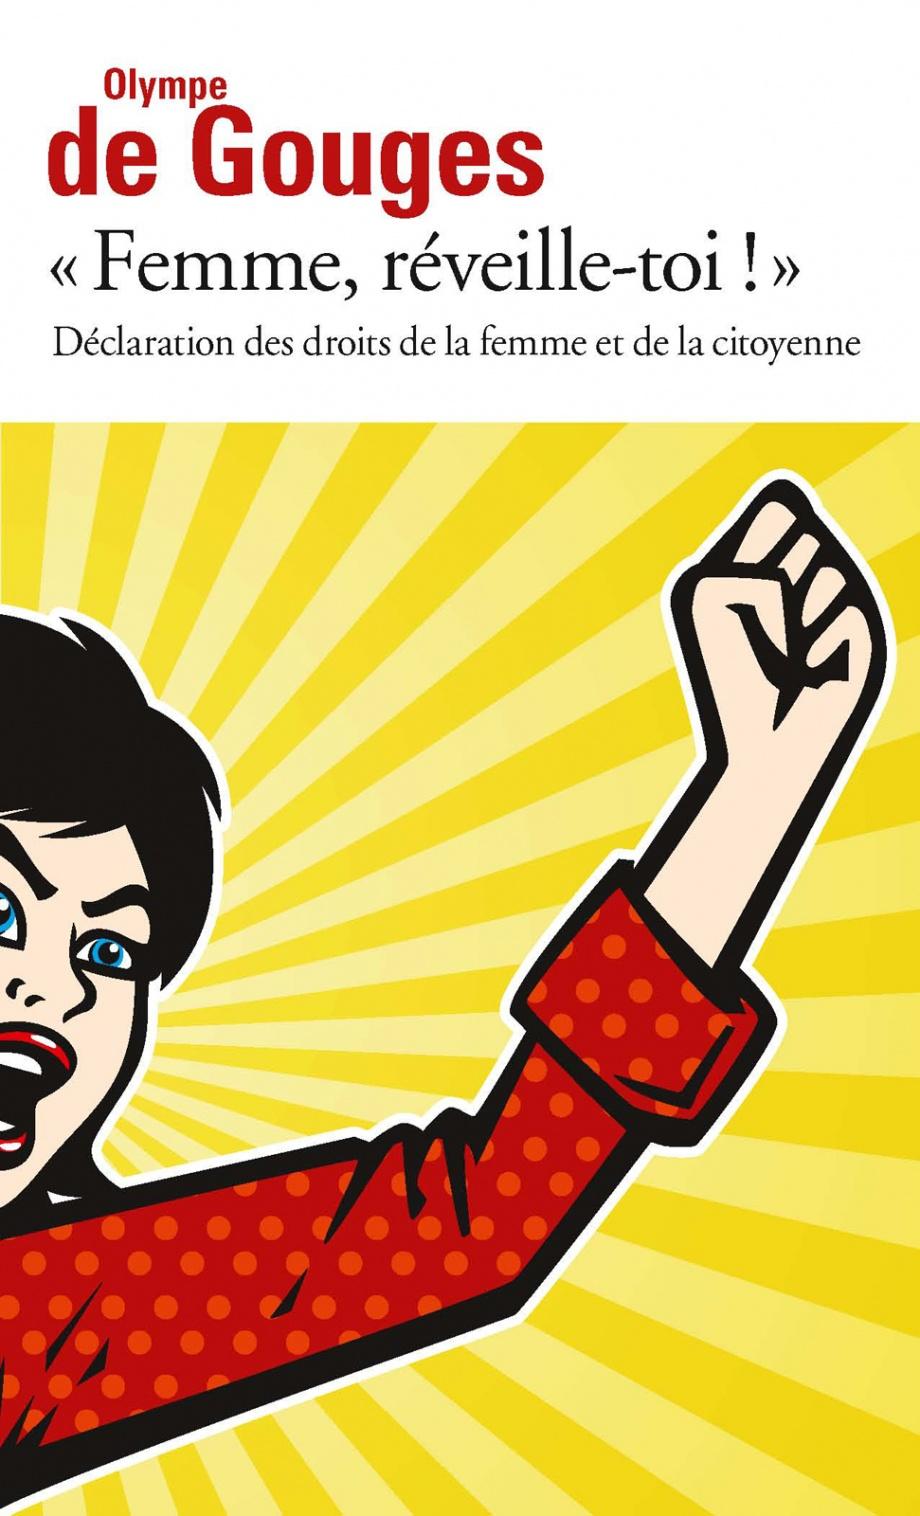 La Déclaration des droits de la femme et de la citoyenne est un court texte juridique publié en 1791. Il s'agit de la réponse (effrontée) de l'écrivaine française et femme politique Olympe de Gouges à la Déclaration des droits de l'homme et du citoyen de 1789. Avis lecture et analyse sur lilitherature.com.